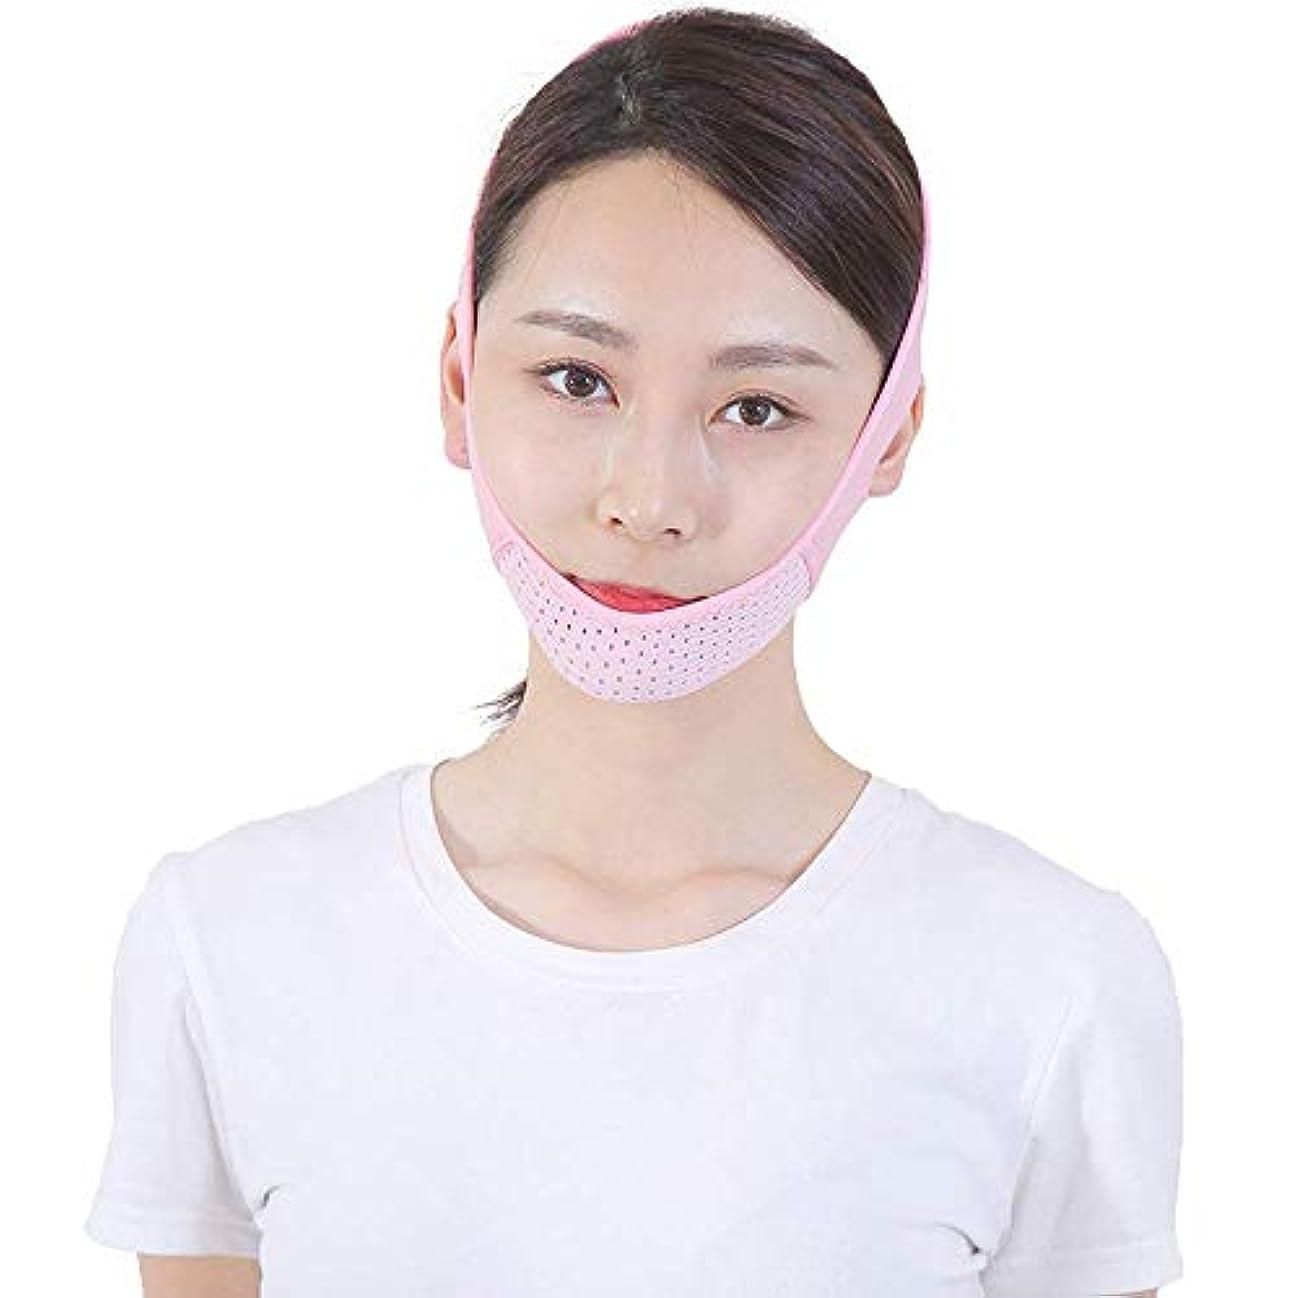 病誤解を招く仮定するシンフェイスベルトシンフェイスベルト通気性フェイス包帯きつく締める二重あごフェイスリフトアーティファクトVフェイスベルトシンフェイスマスク